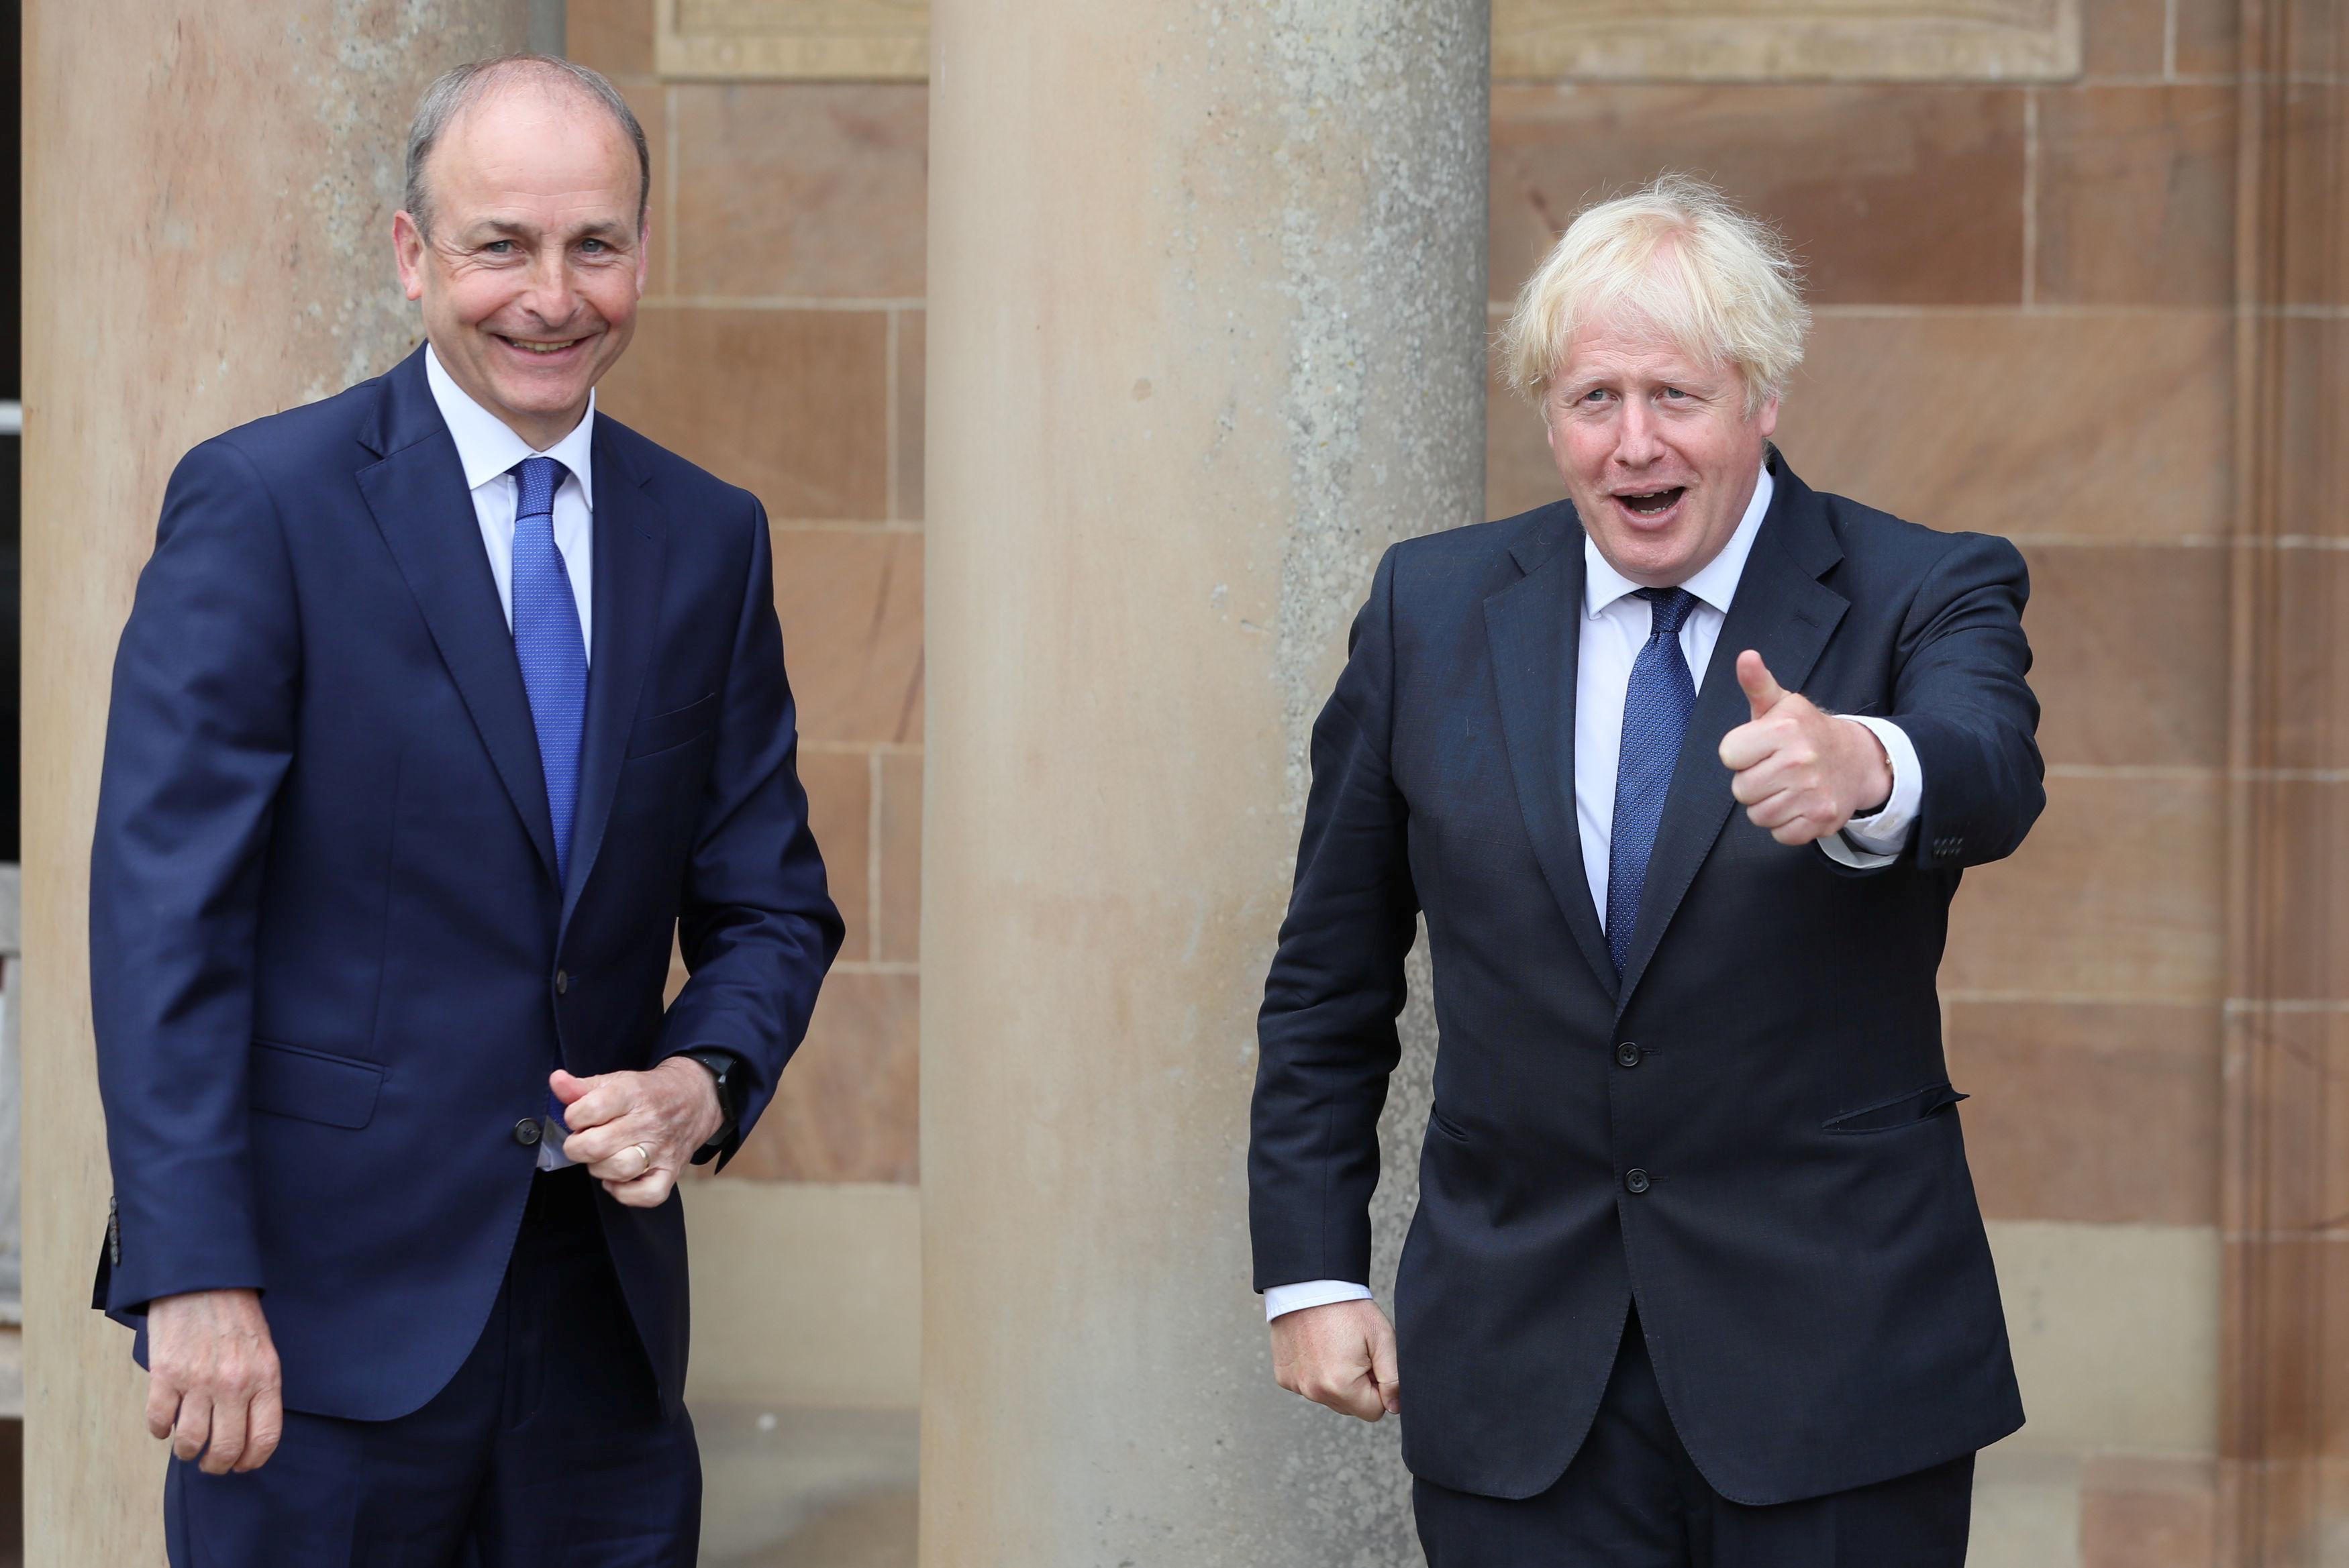 Britannian pääministeri Boris Johnson ja Irlannin pääministeri (Taoiseach) Micheal Martin nähdään Hillsborough'n linnassa Belfastissa Pohjois-Irlannissa 13. elokuuta 2020. Brian Lawless / Pool Reutersin kautta